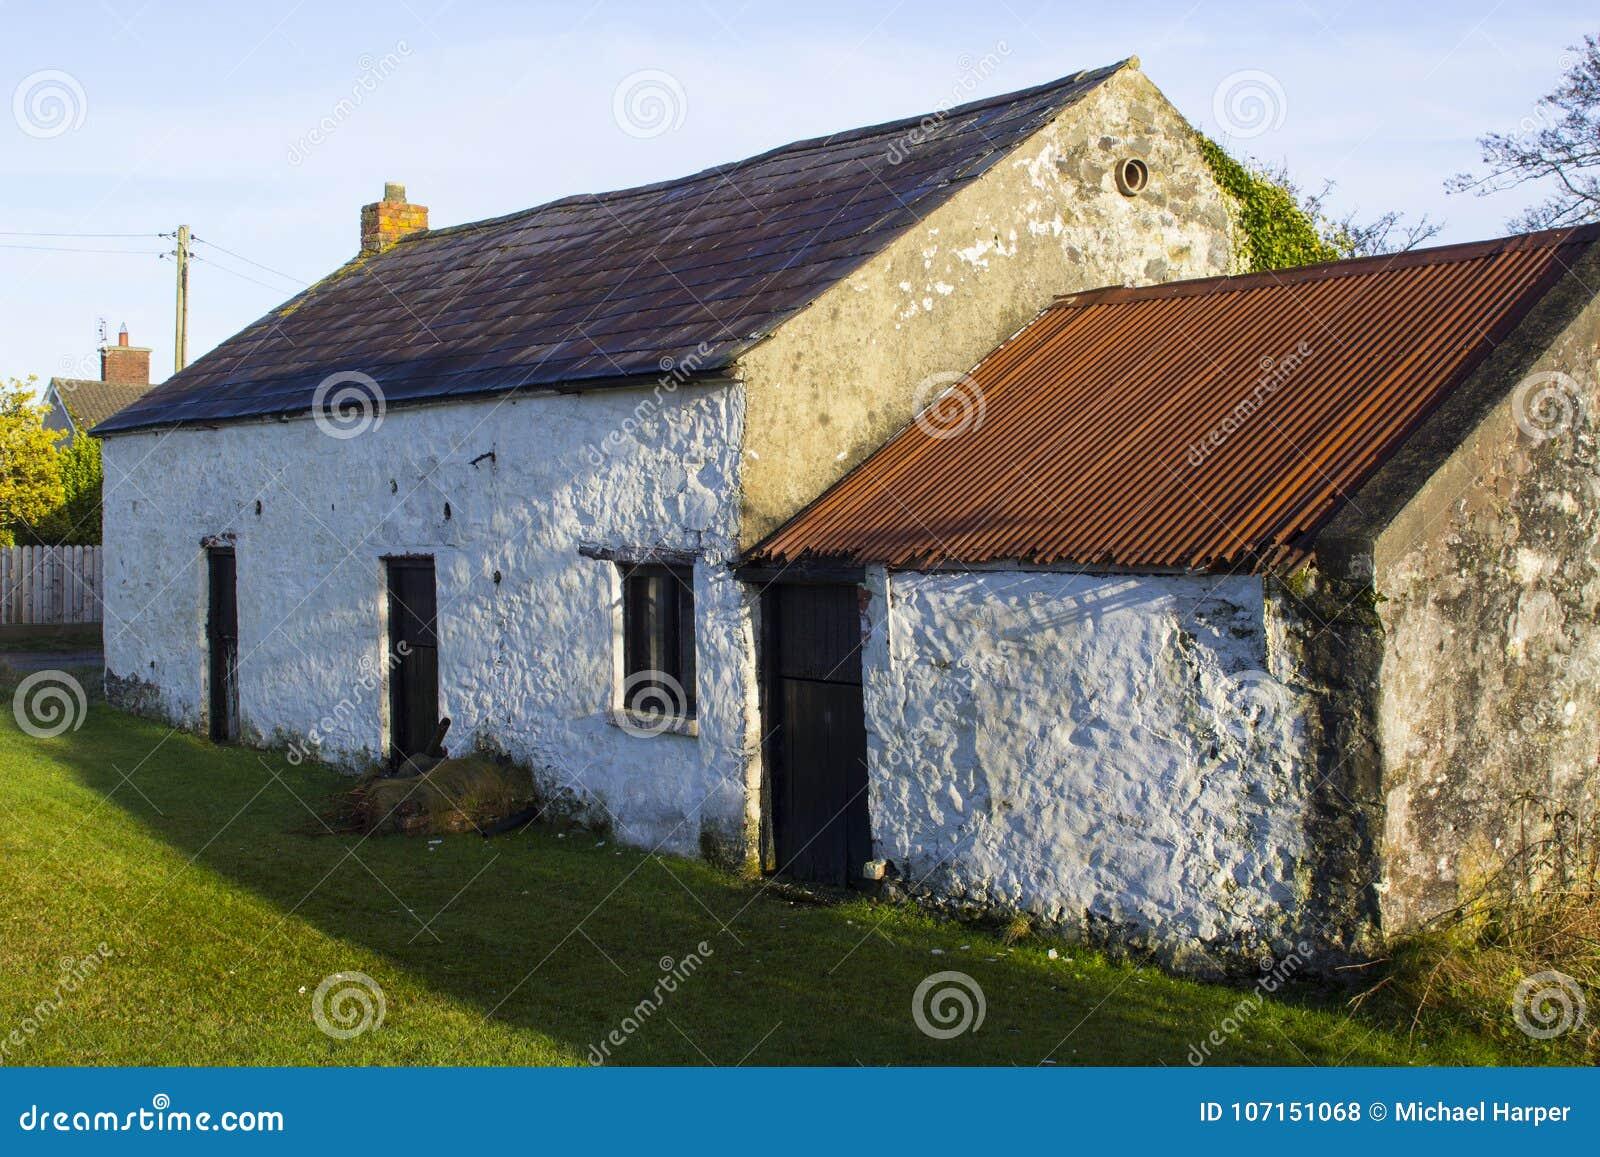 Μια παλαιά ασπρισμένη πέτρα έχτισε το ιρλανδικό εξοχικό σπίτι με ένα μικρό παράρτημα με τα μπλε κεραμίδια και τον οξυδώνοντας ζαρ